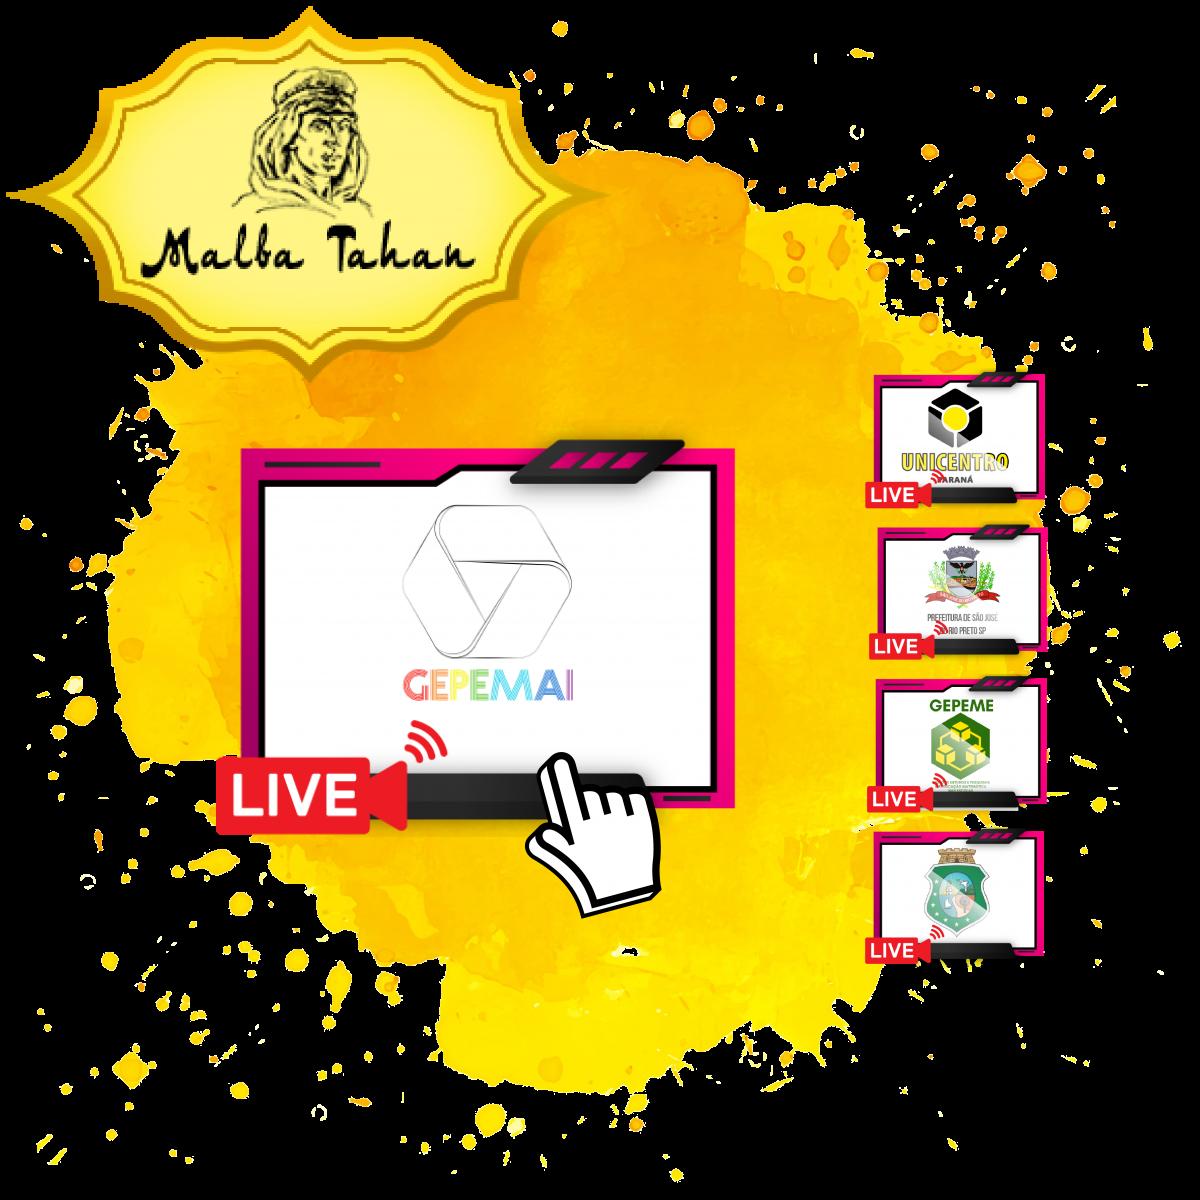 Post com borrão de tinta laranja ao fundo com 05 telas de vídeos por cima com logos de diversas Universidades do Brasil. Um cursor em formato de mão clica no vídeo do GEPEMAI